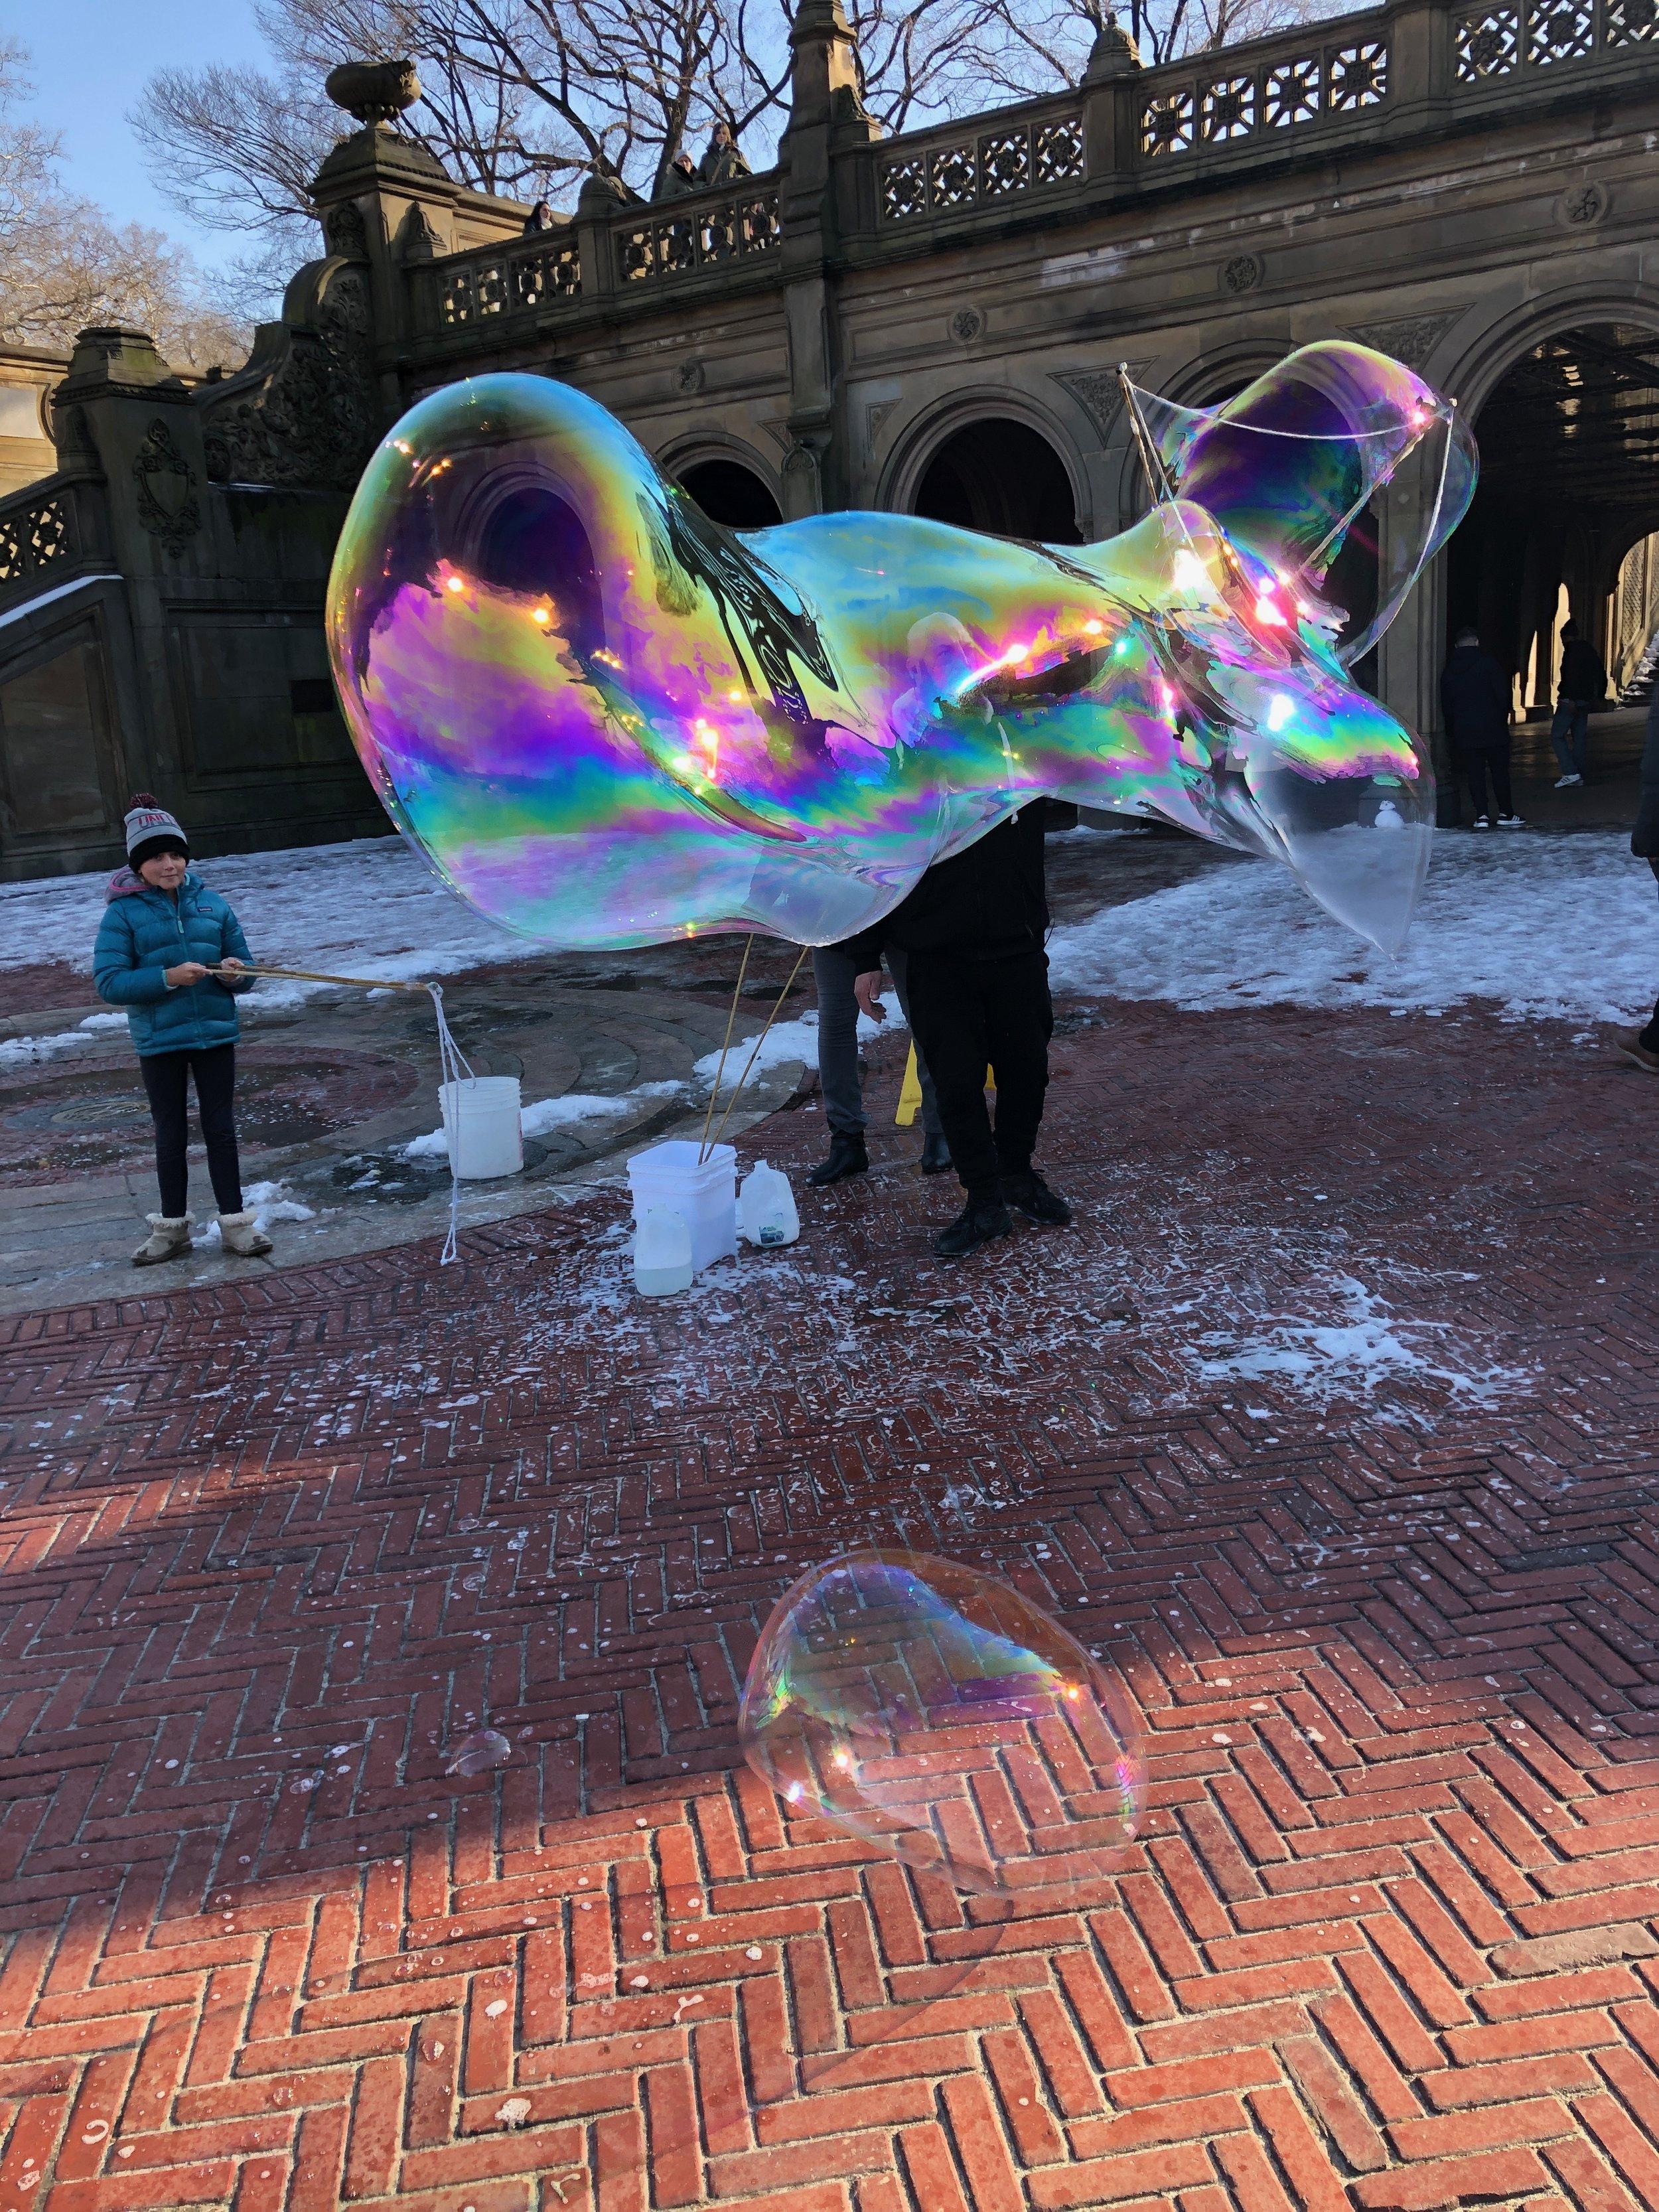 Isla's BIG bubble